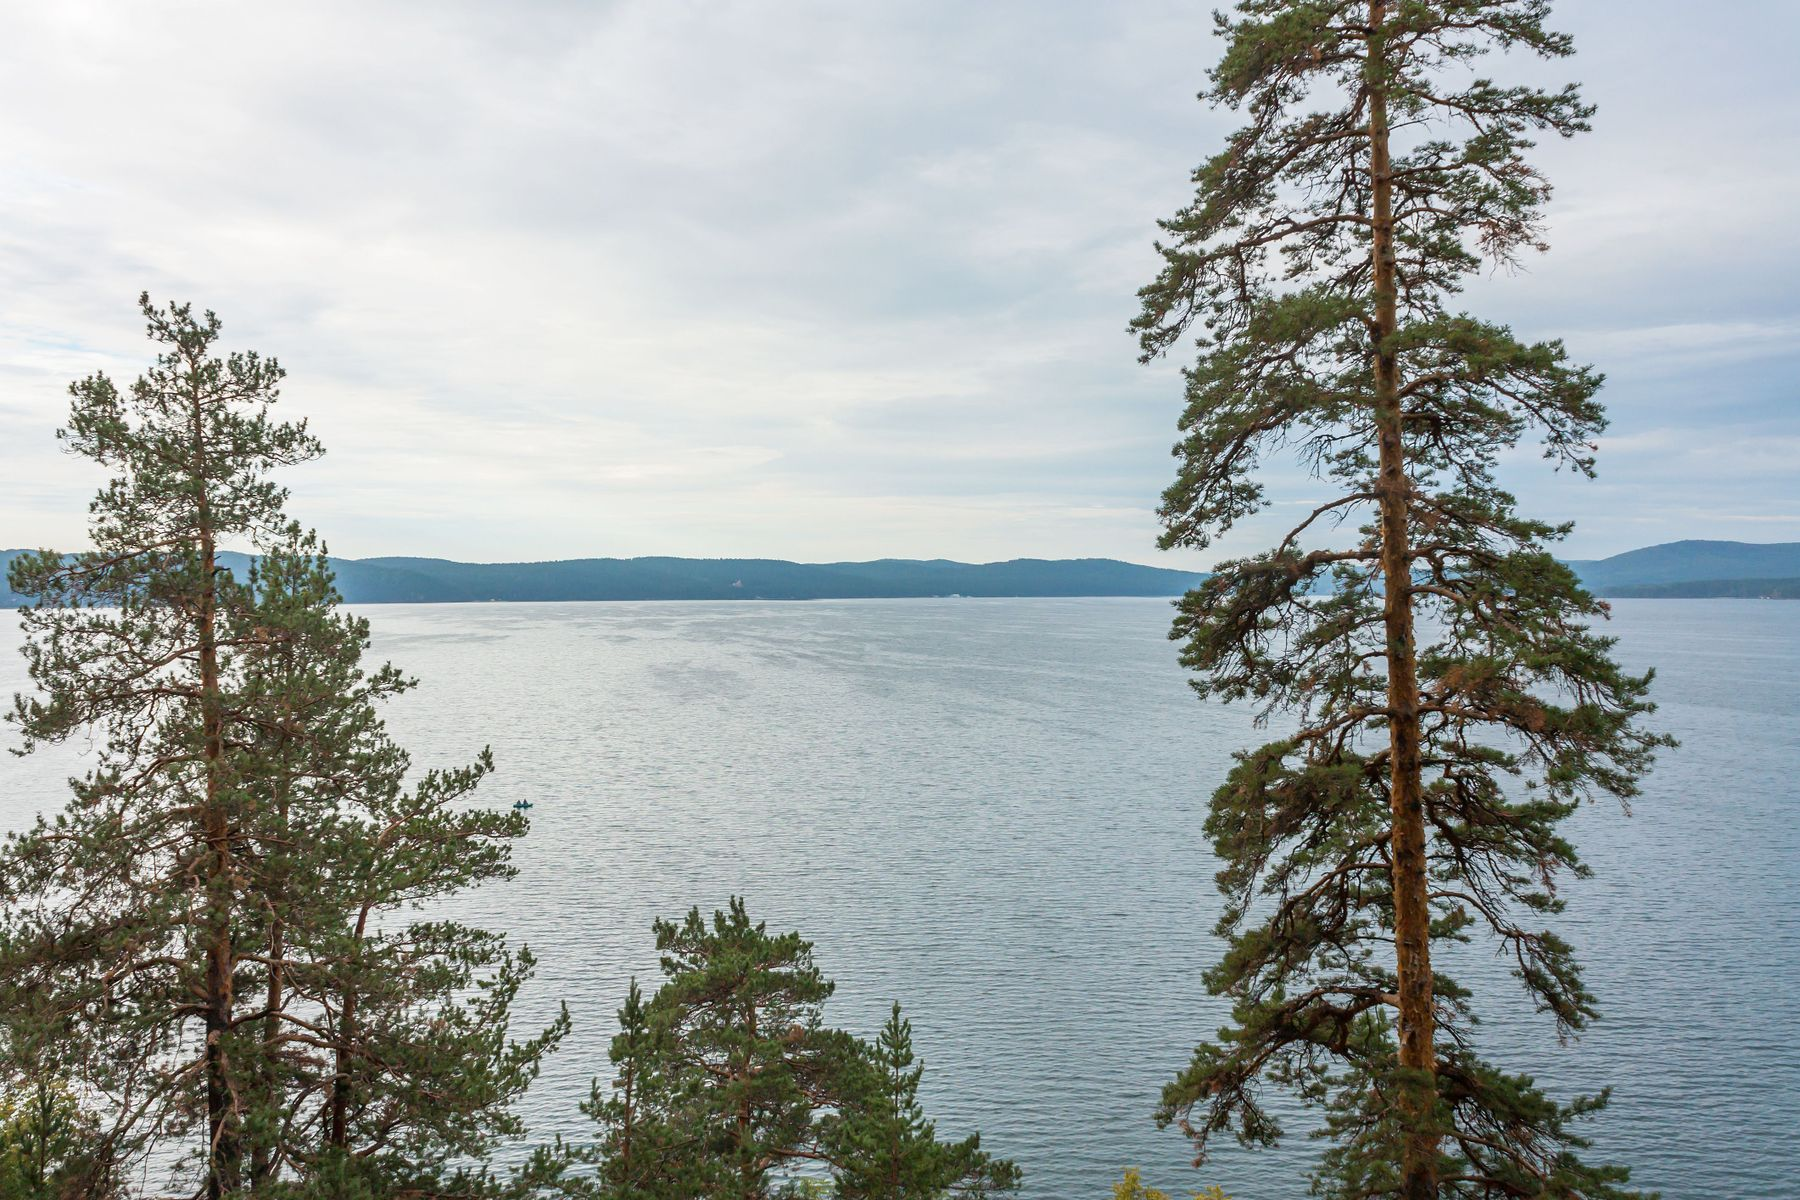 Озеро Тургояк. Южный Урал Миасс Тургояк природа озеро лето